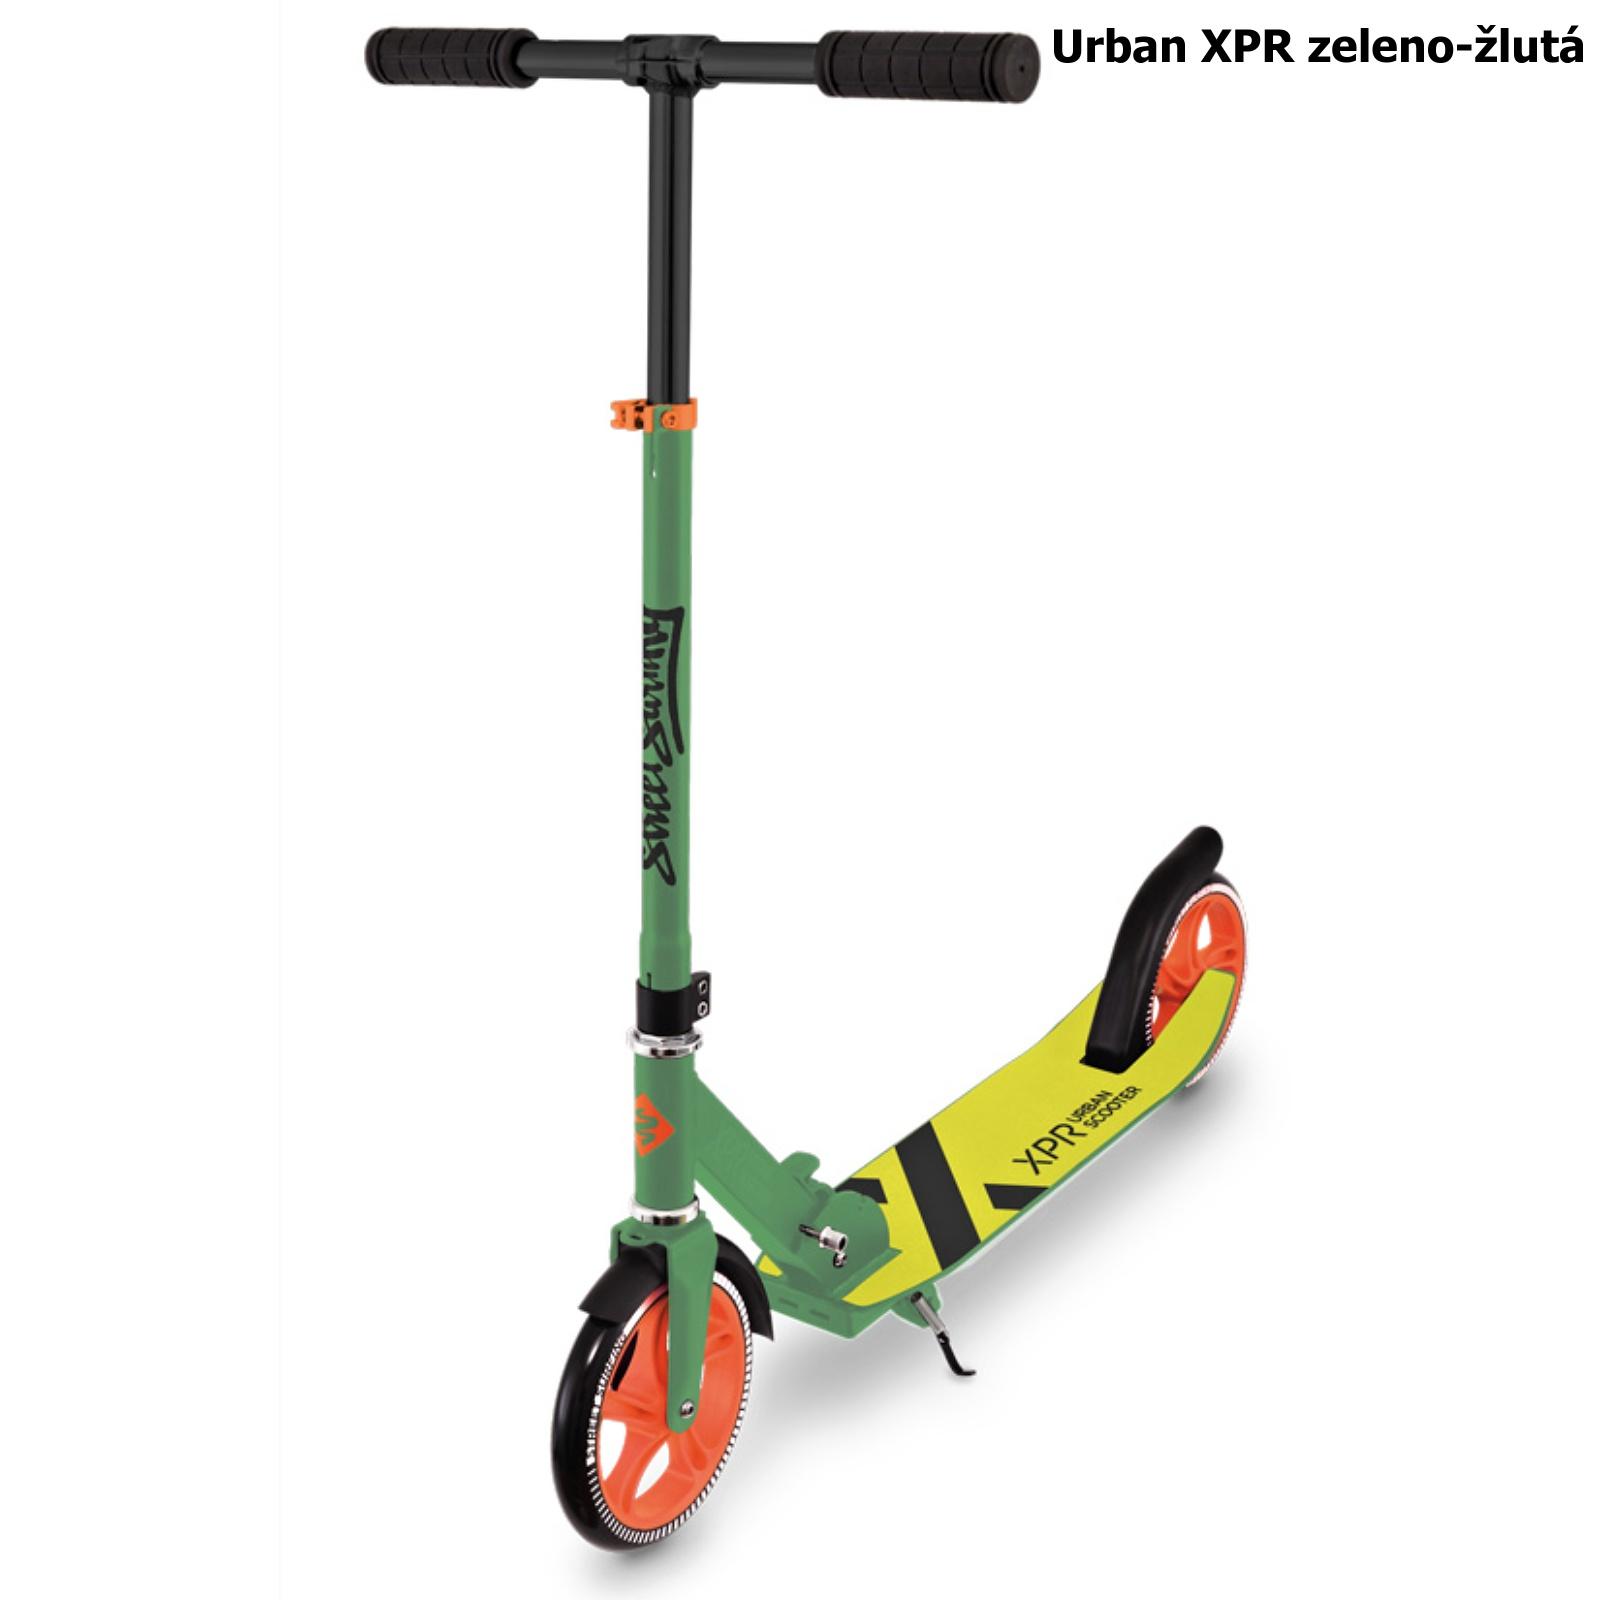 Koloběžka STREET SURFING Urban XPR - zeleno-žlutá